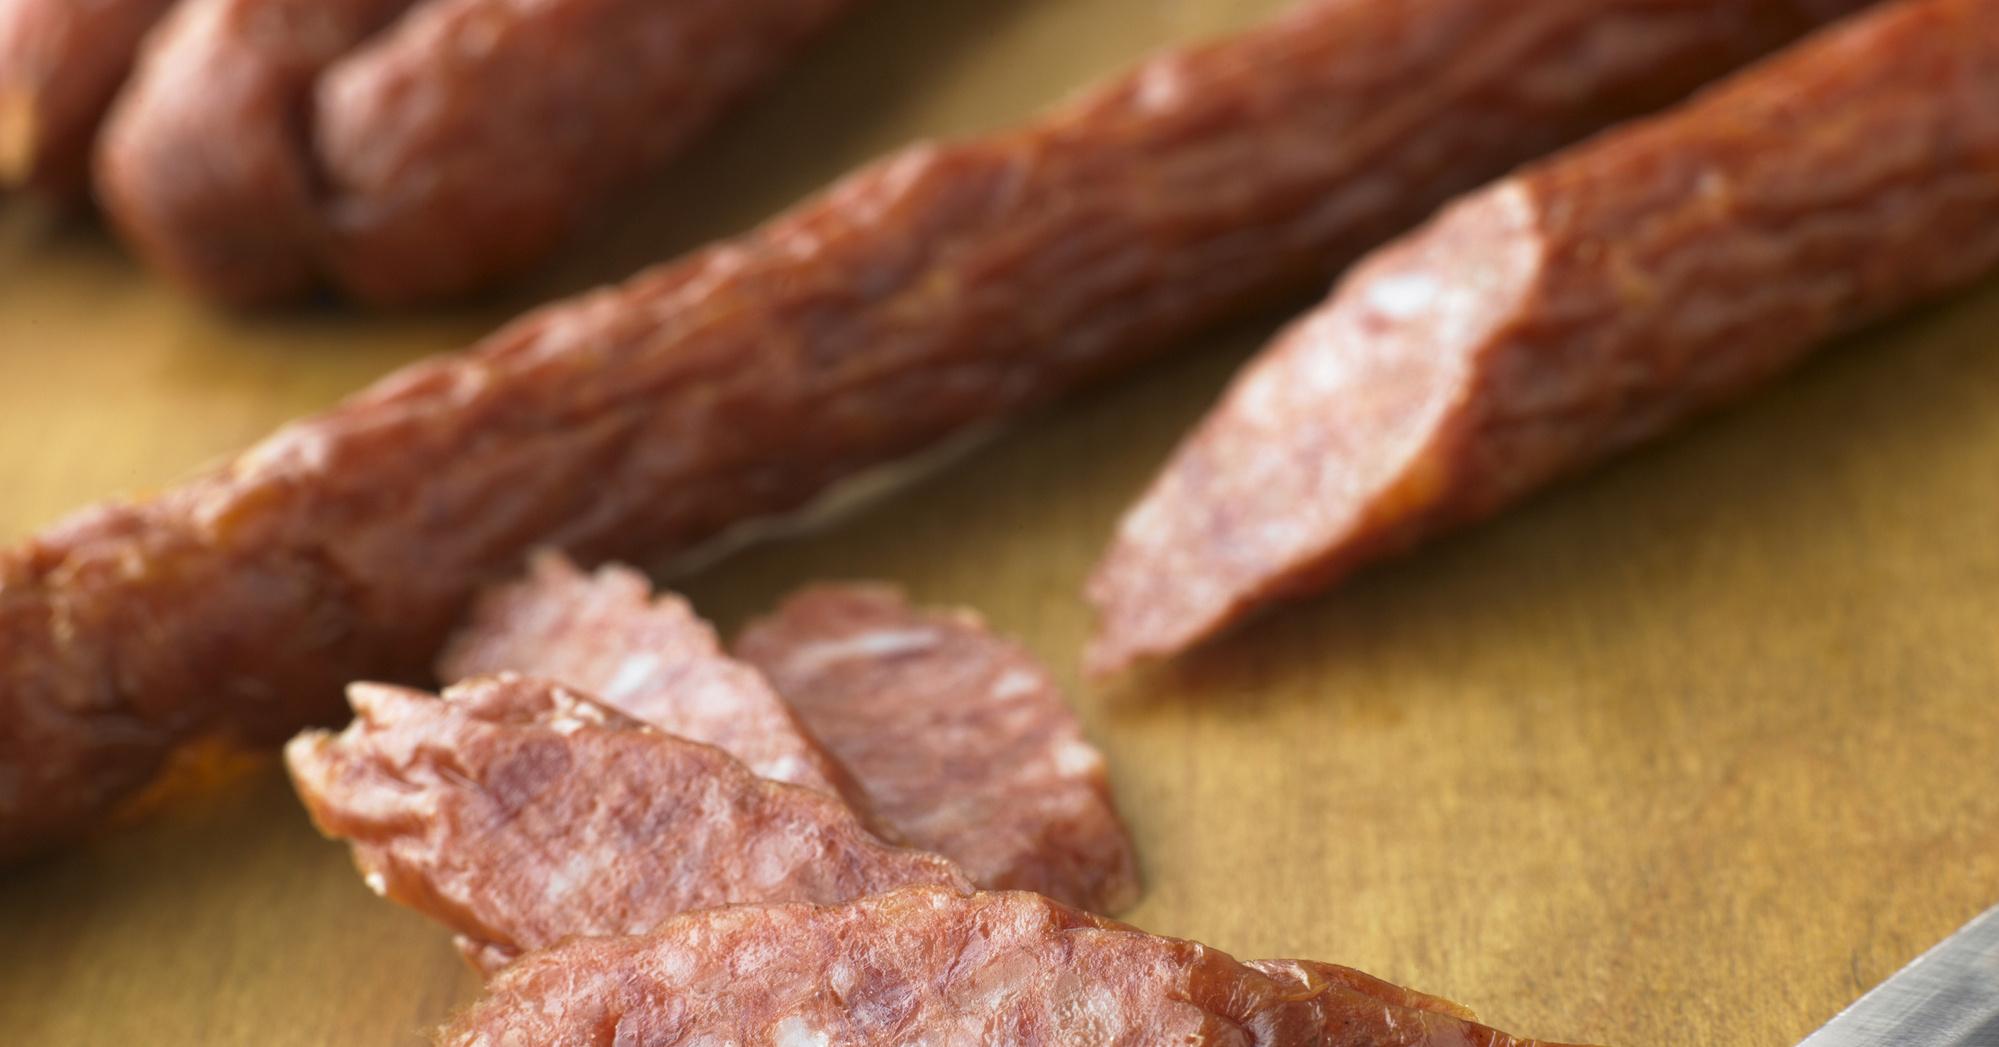 Приготовление колбасы домашних условиях рецепт фото